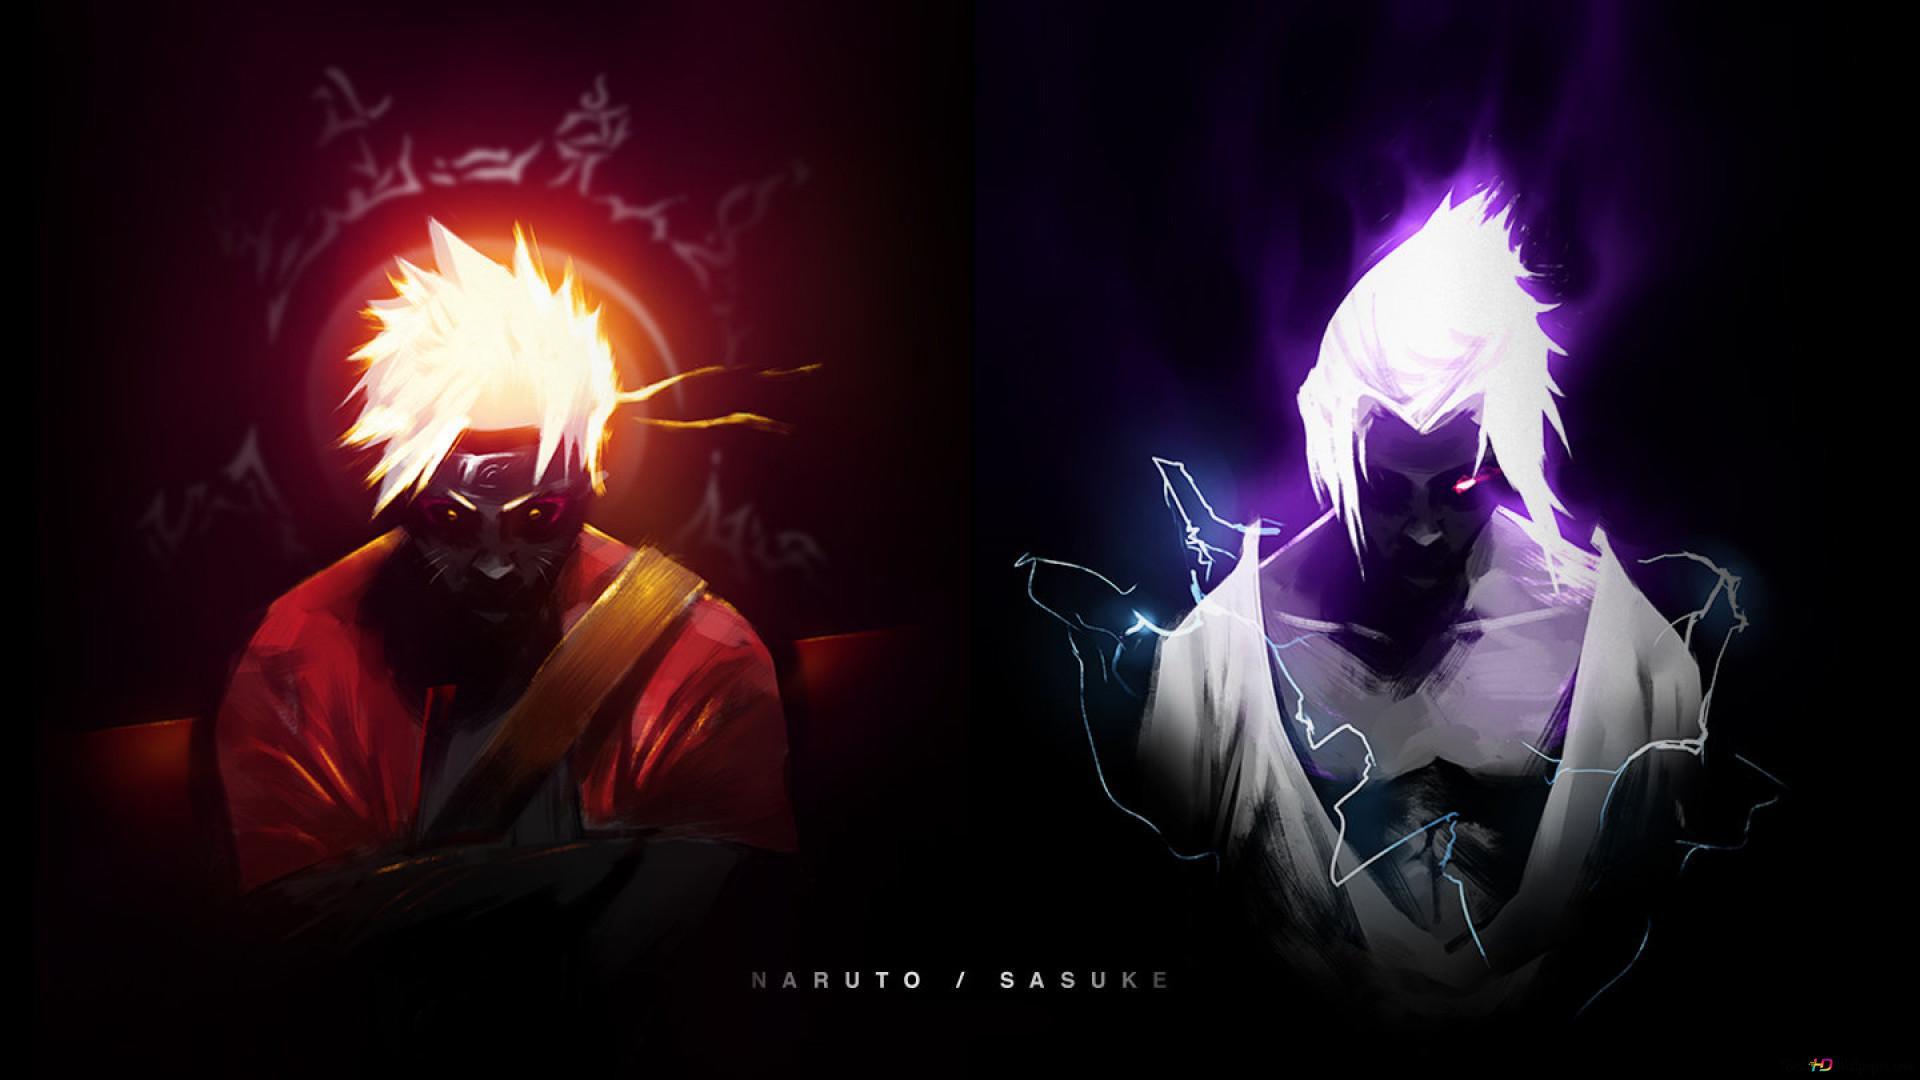 Naruto Shippuden Naruto Uzumaki Sasuke Uchiha Hd Wallpaper Download